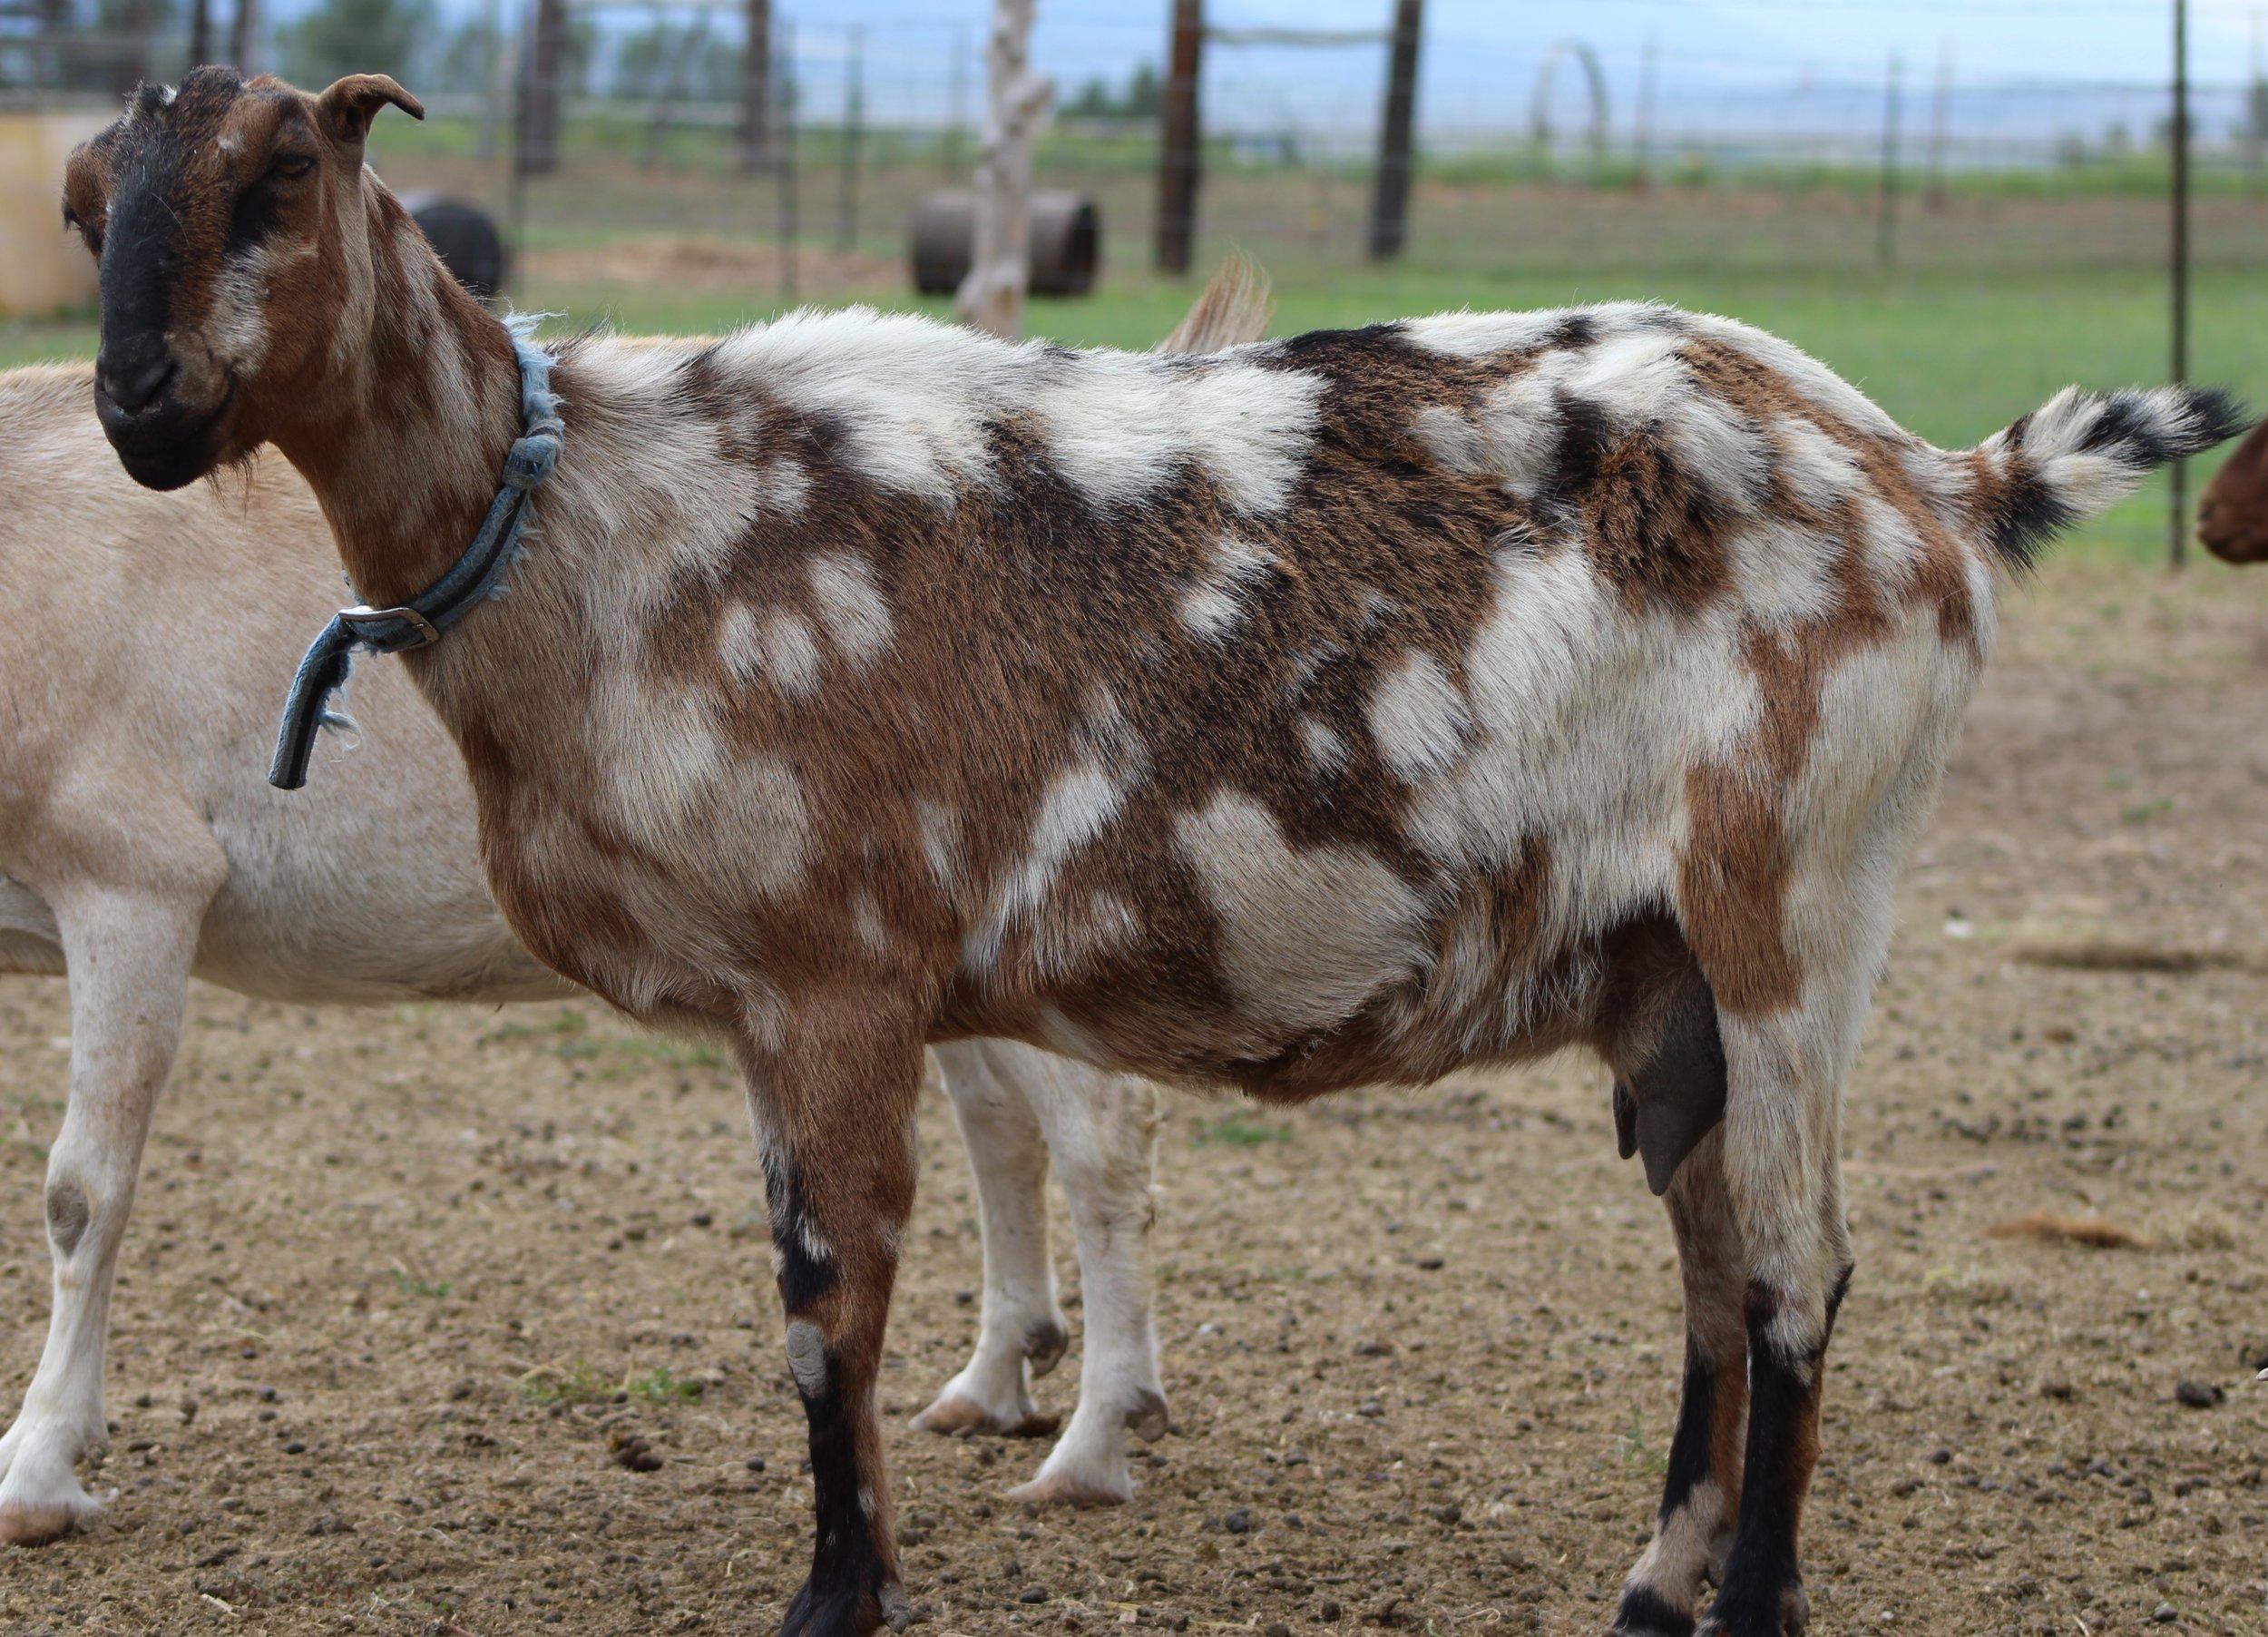 Jessie   3/4 Kiko X 1/4 Nubian  Dam:  Sire:  Date of Birth:  Twin  Birth Weight:  Weaning Weight:  ADG:  CAE, Cl, Johannes clean herd